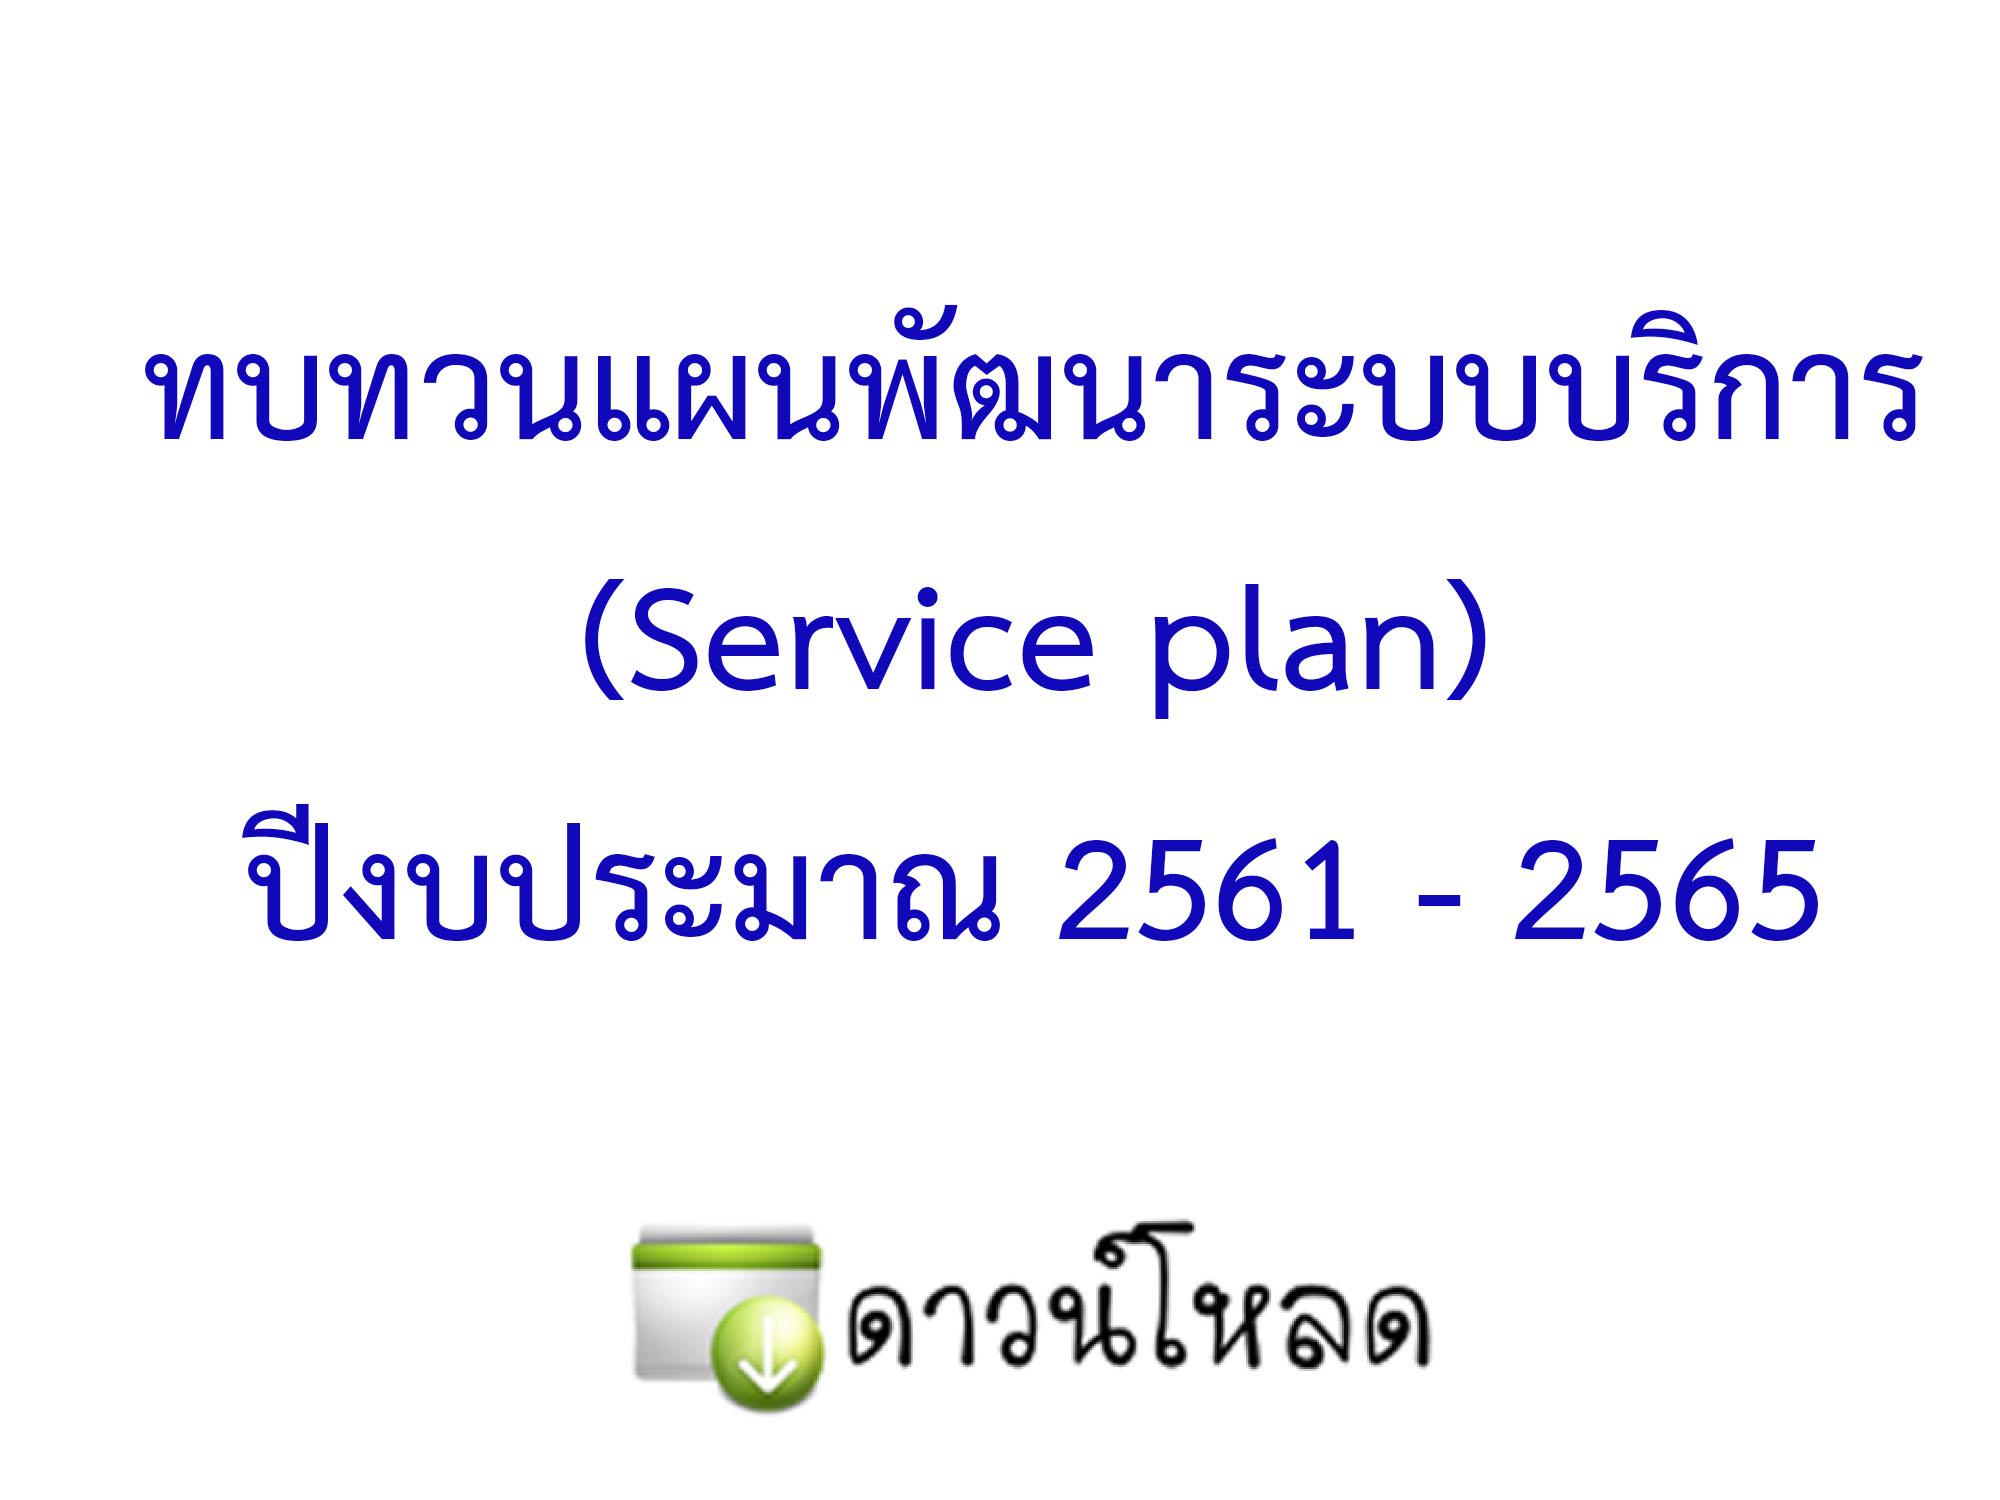 ทบทวนแผนพัฒนาระบบบริการ (Service plan)